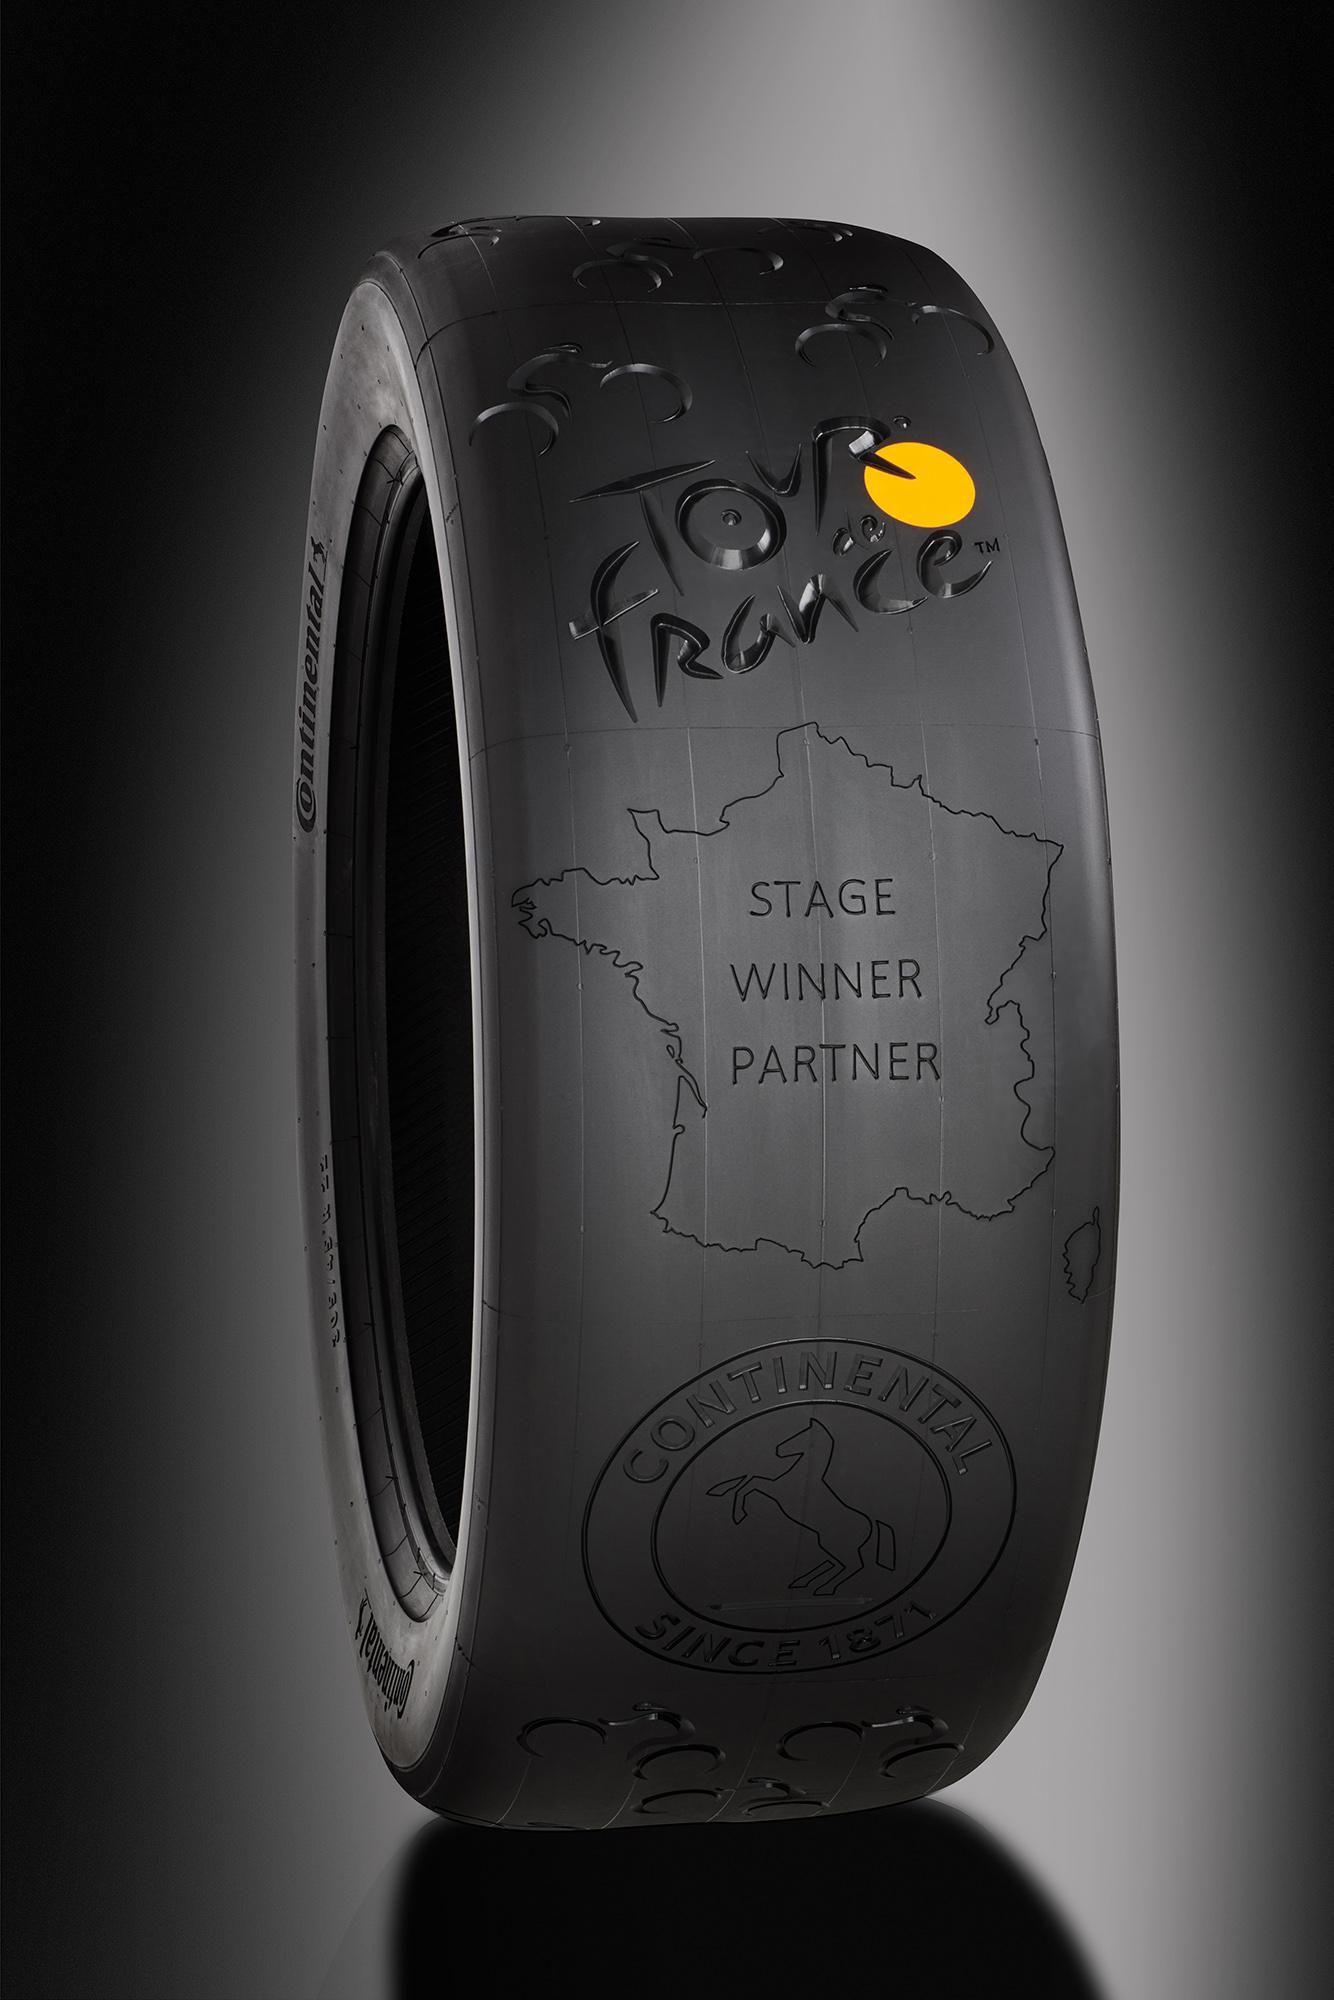 Continental - серед головних партнерів велогонки Тур де Франс в 2019 році